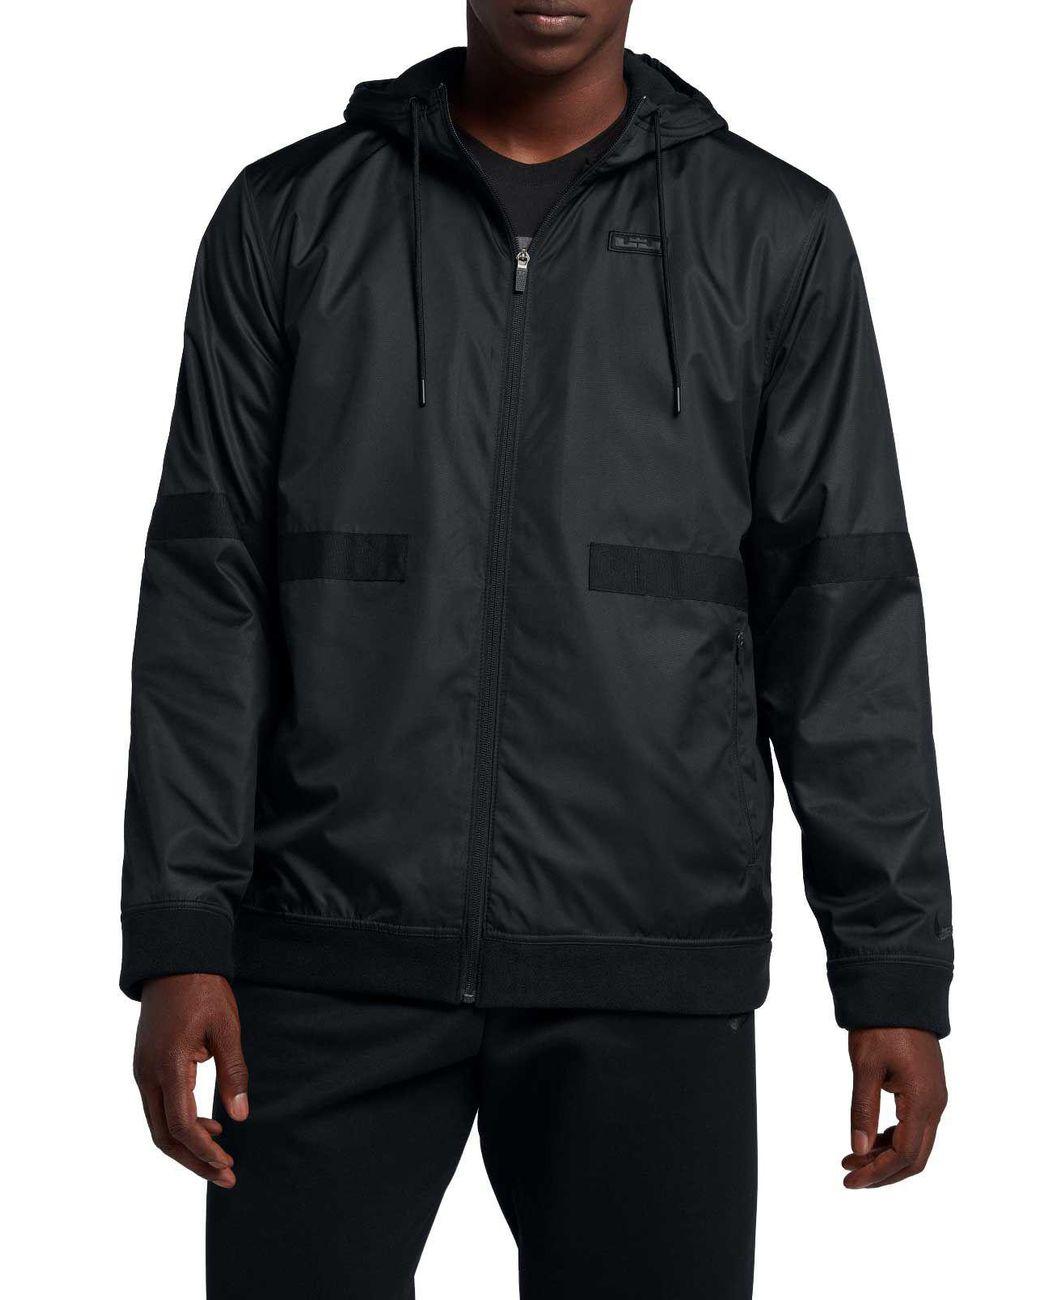 a797b4cfe517 Lyst - Nike Lebron Streetwear Jacket in Black for Men